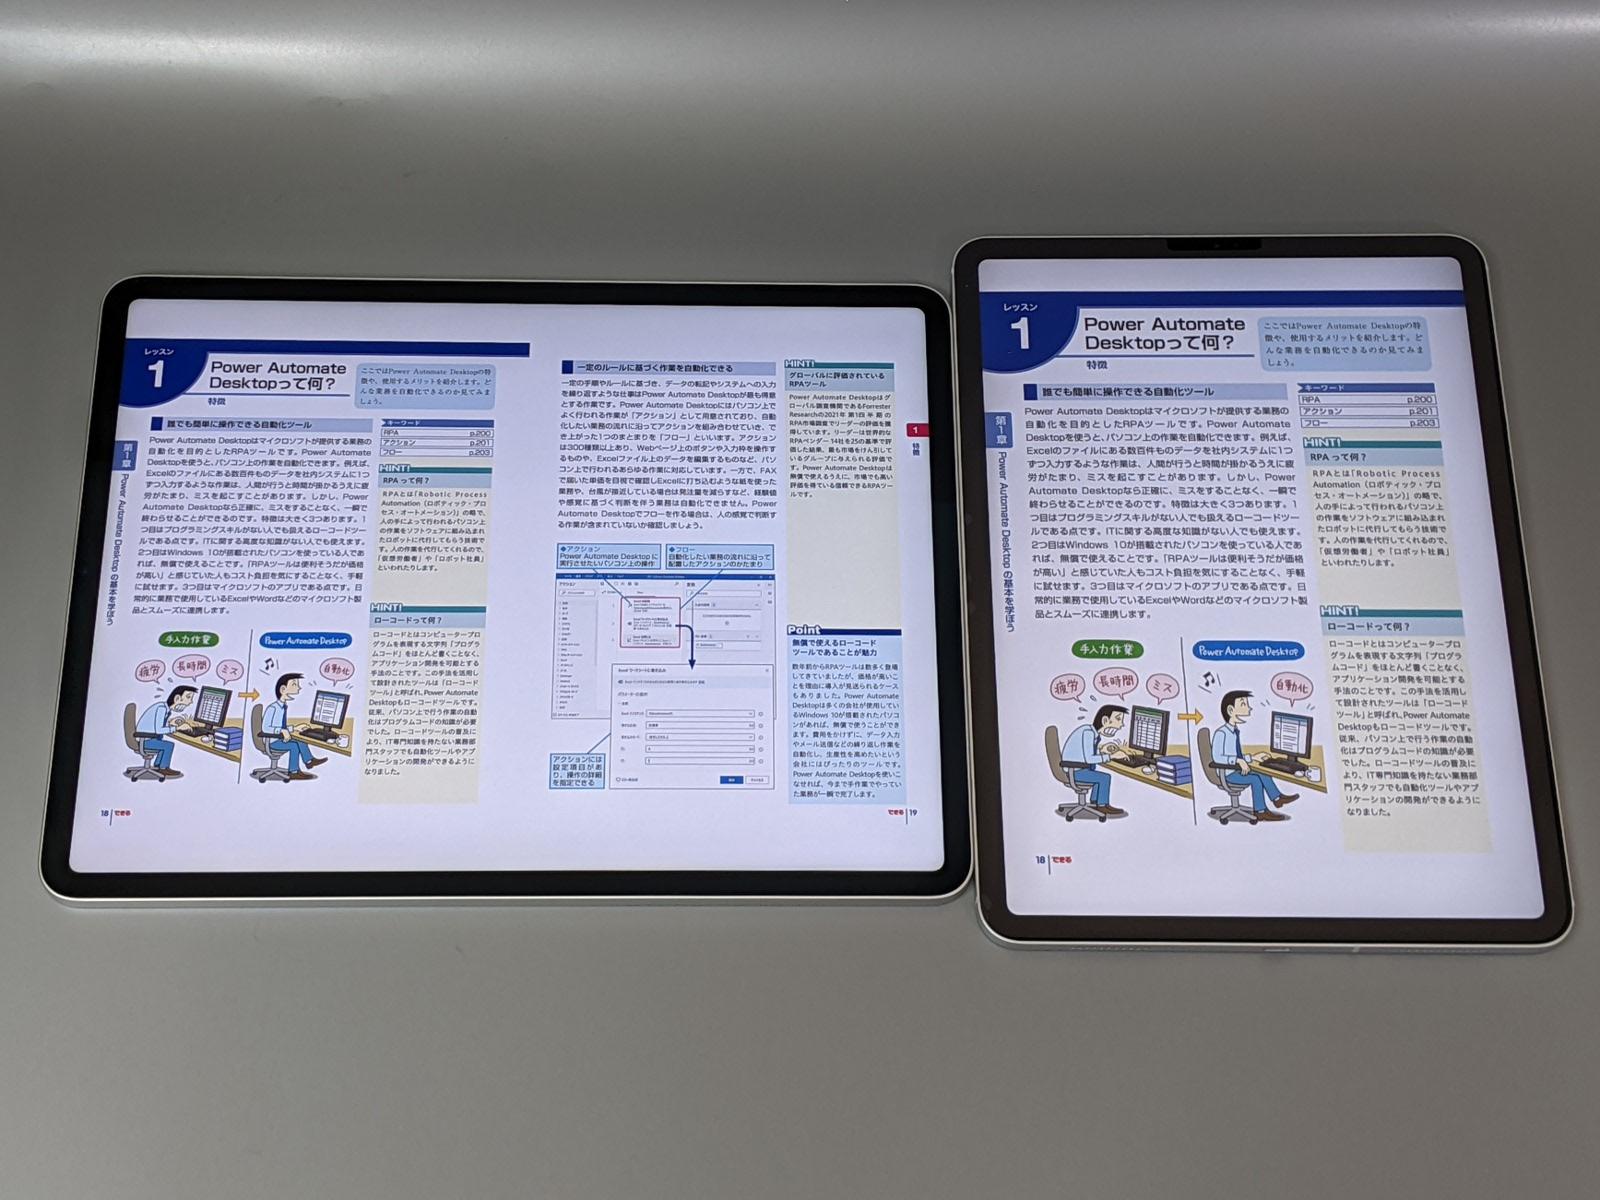 見開き表示の12.9インチiPad Proと、単ページ表示の11インチiPad Pro(右)を比べると、ページのサイズは後者のほうがわずかに大きくなる